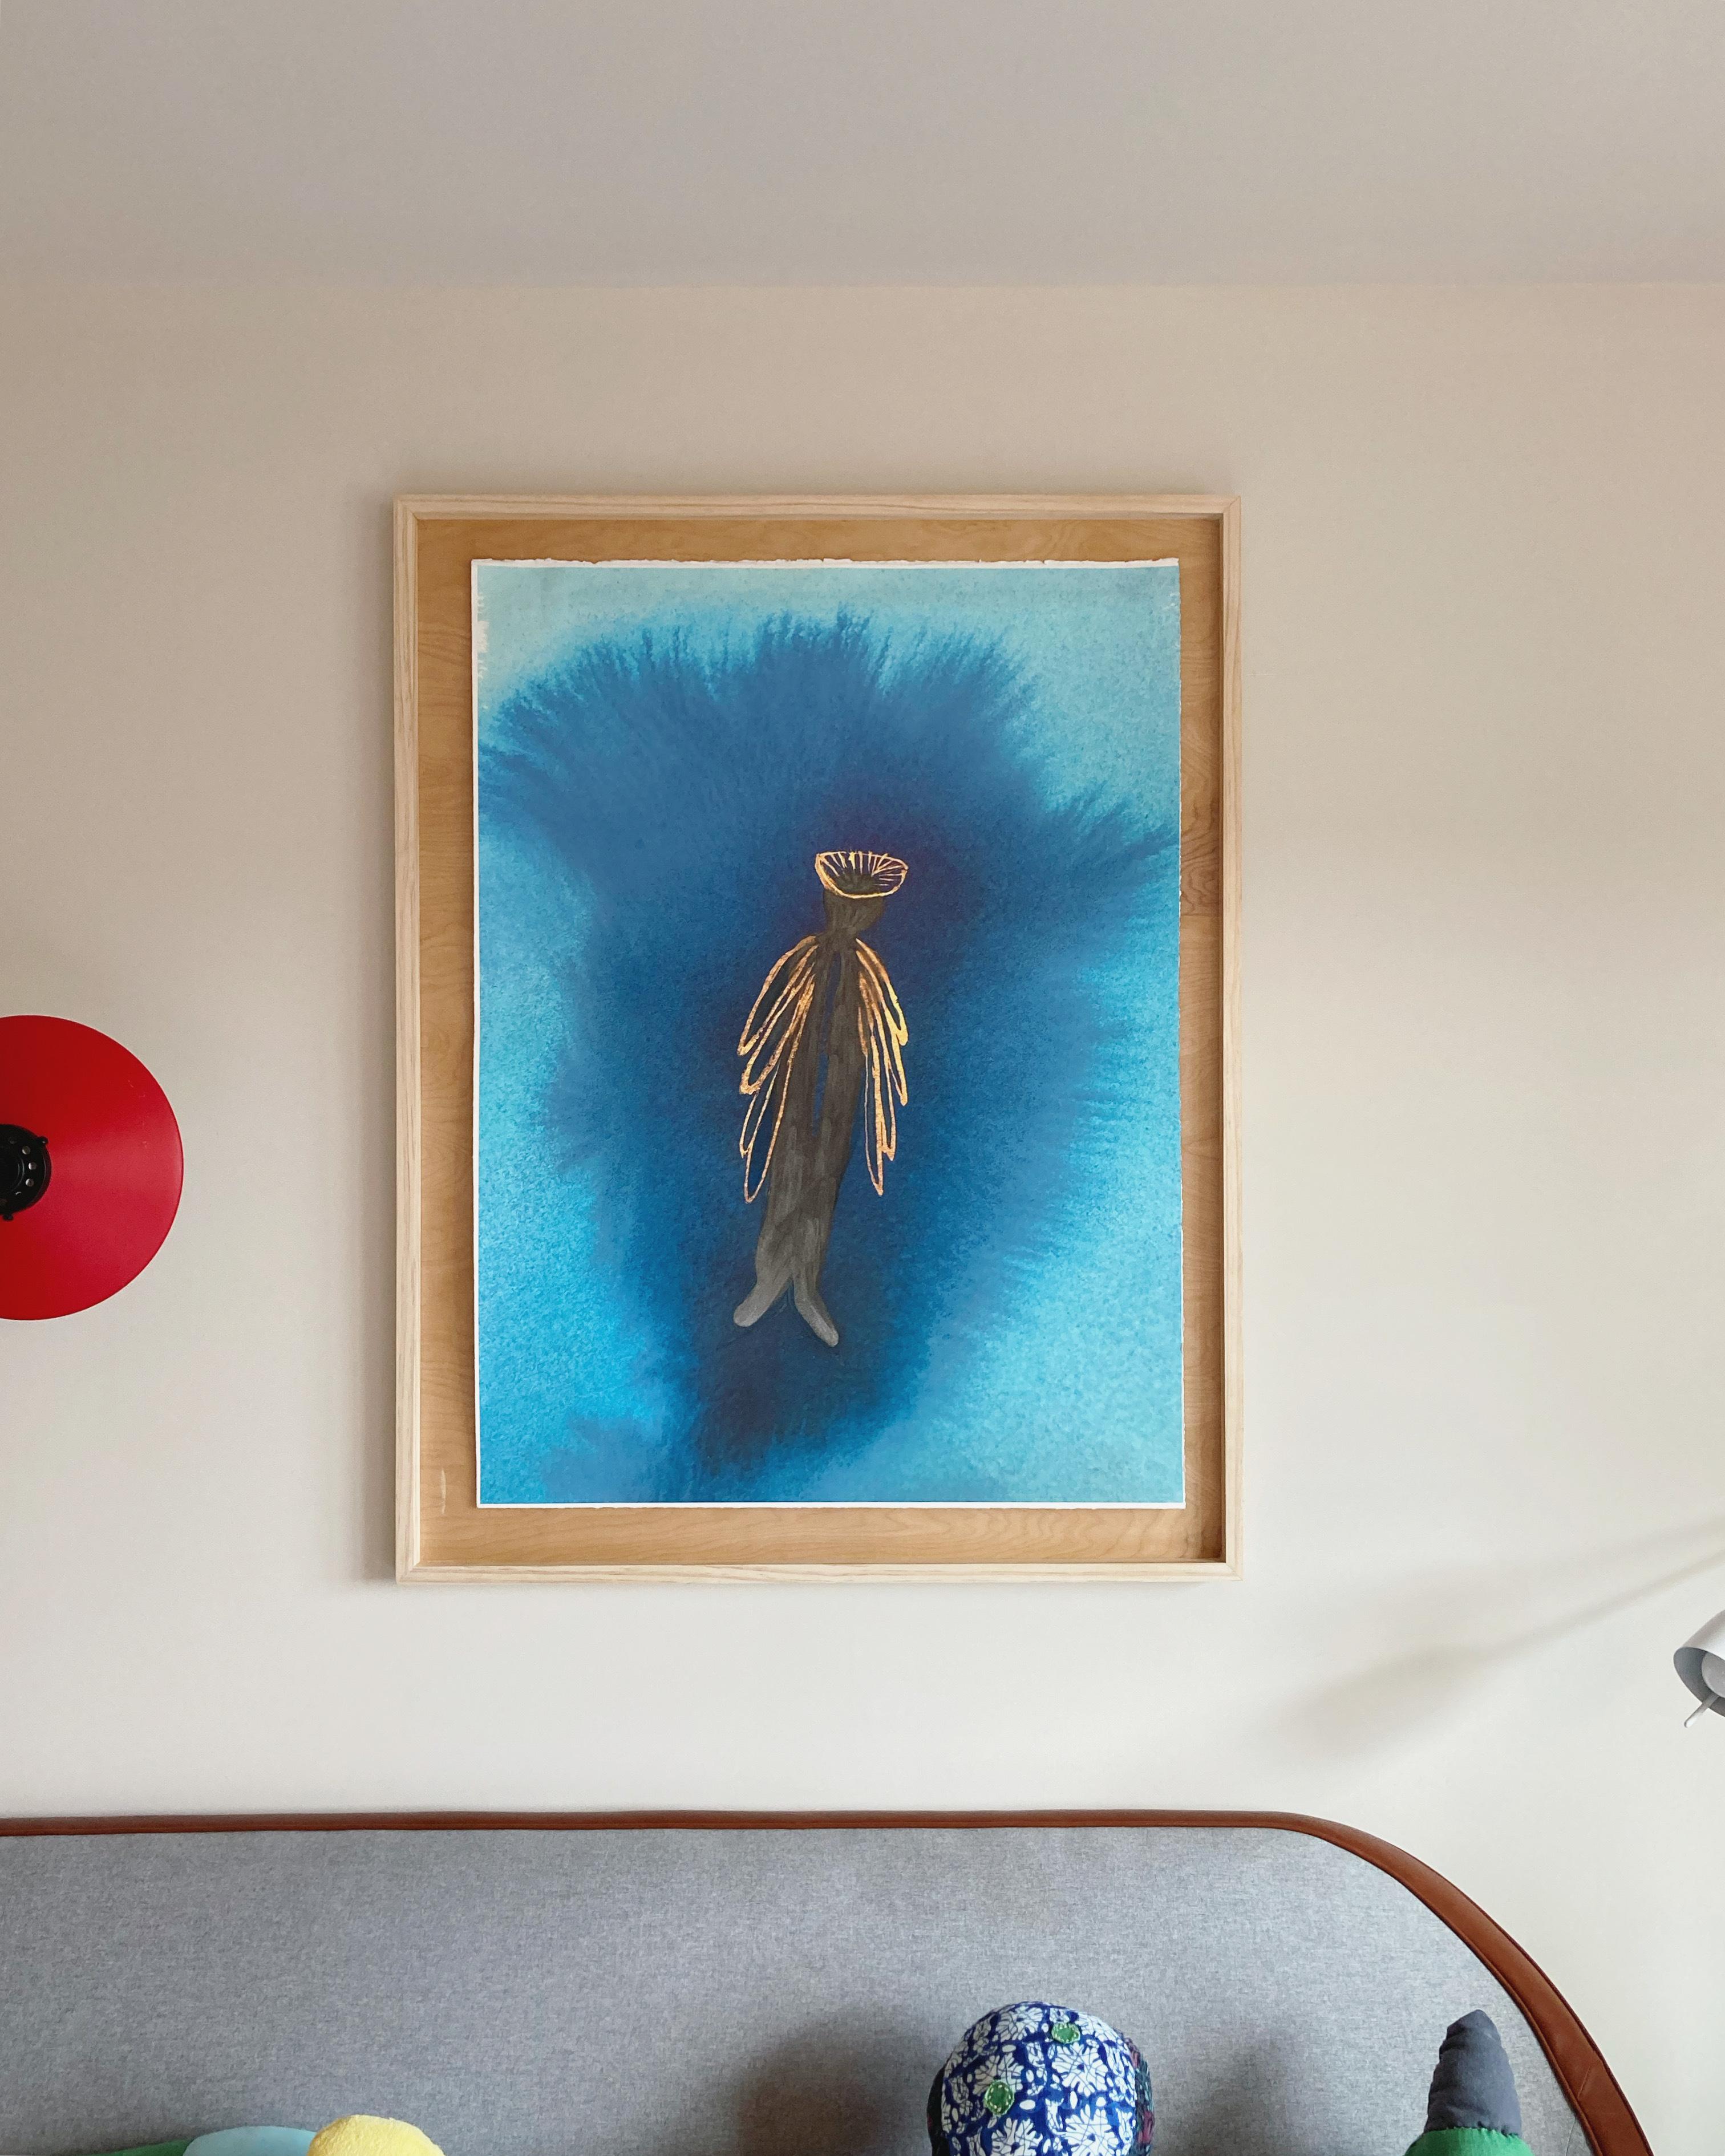 Gallery Visit, ZieherSmith, Nashville, TN (feat. María Magdalena Campos-Pons)